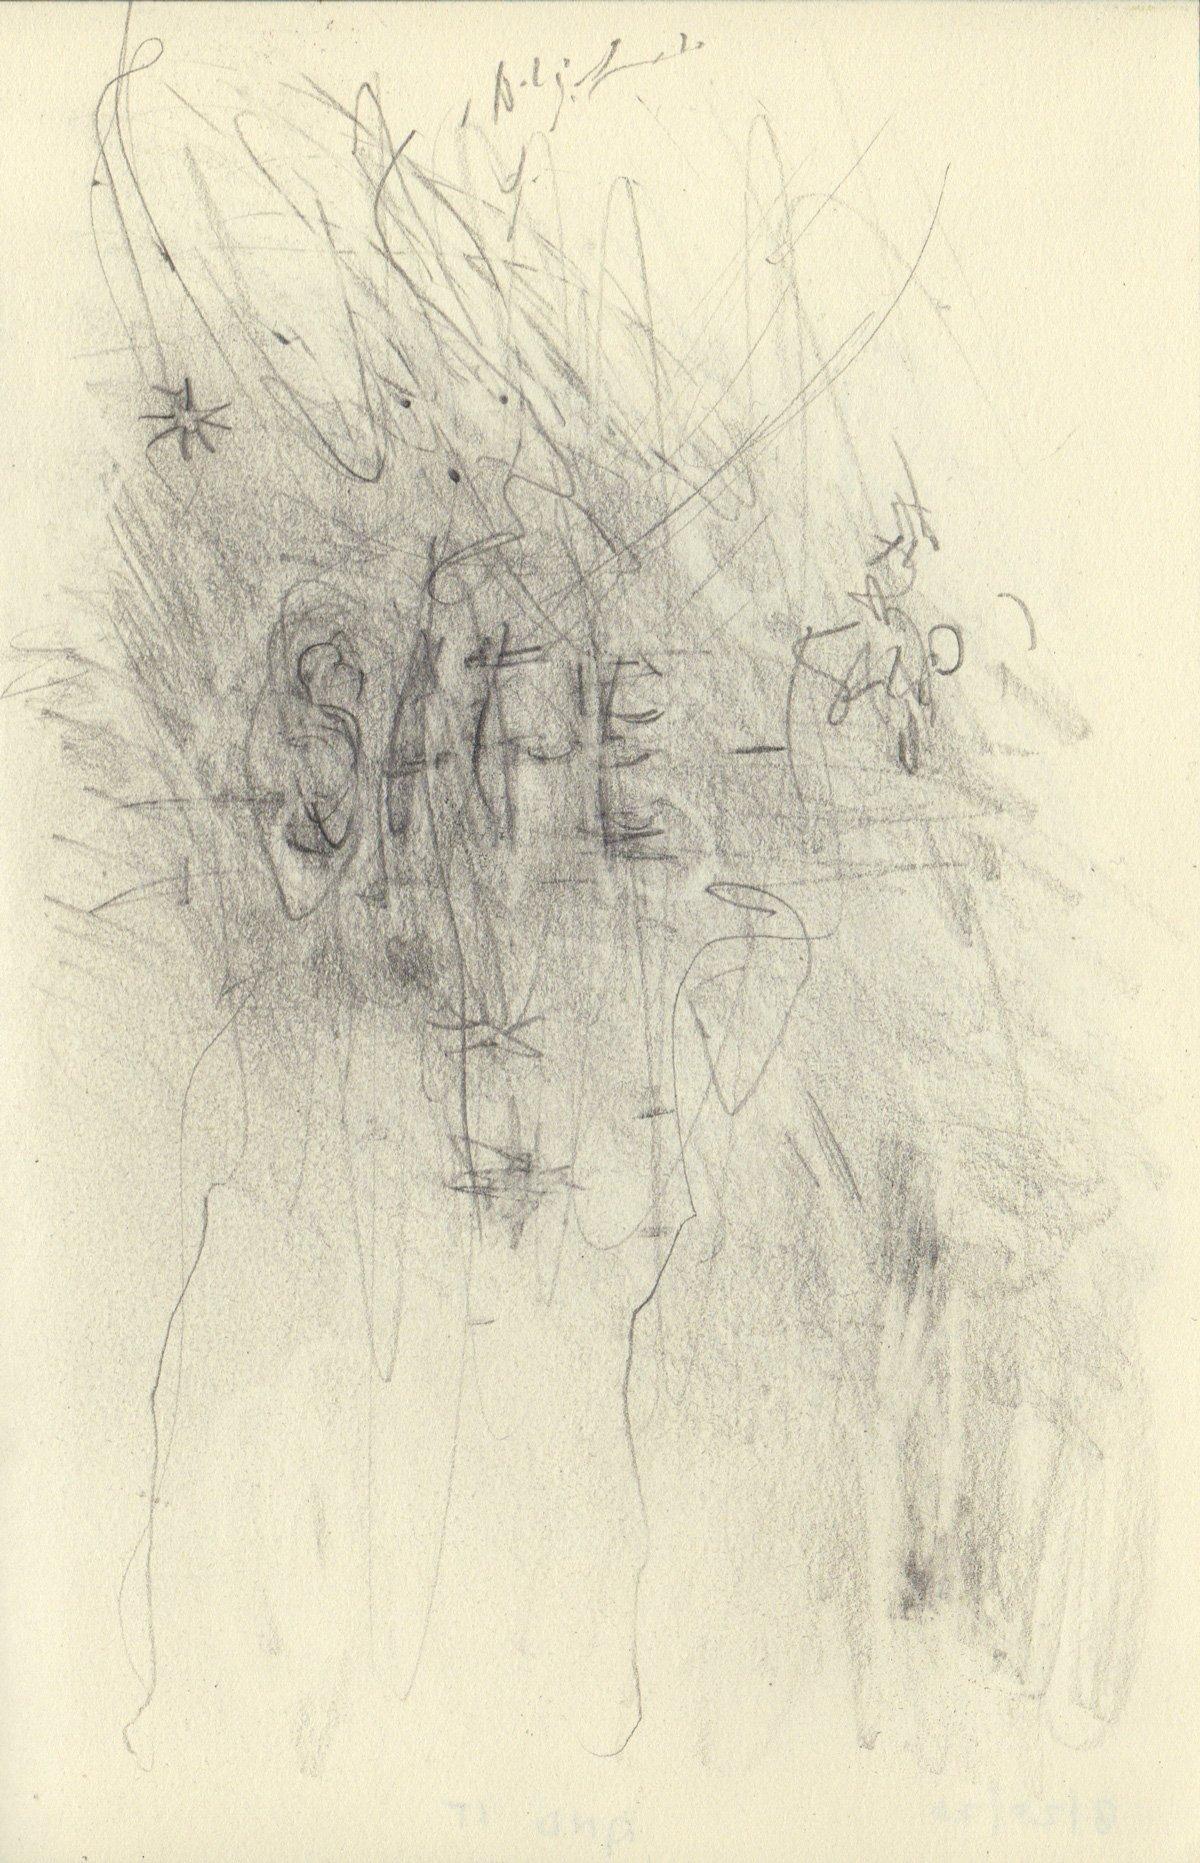 """SAFE 5.5 x 8.25"""" 2020 Pencil on Sketchbook Pages"""